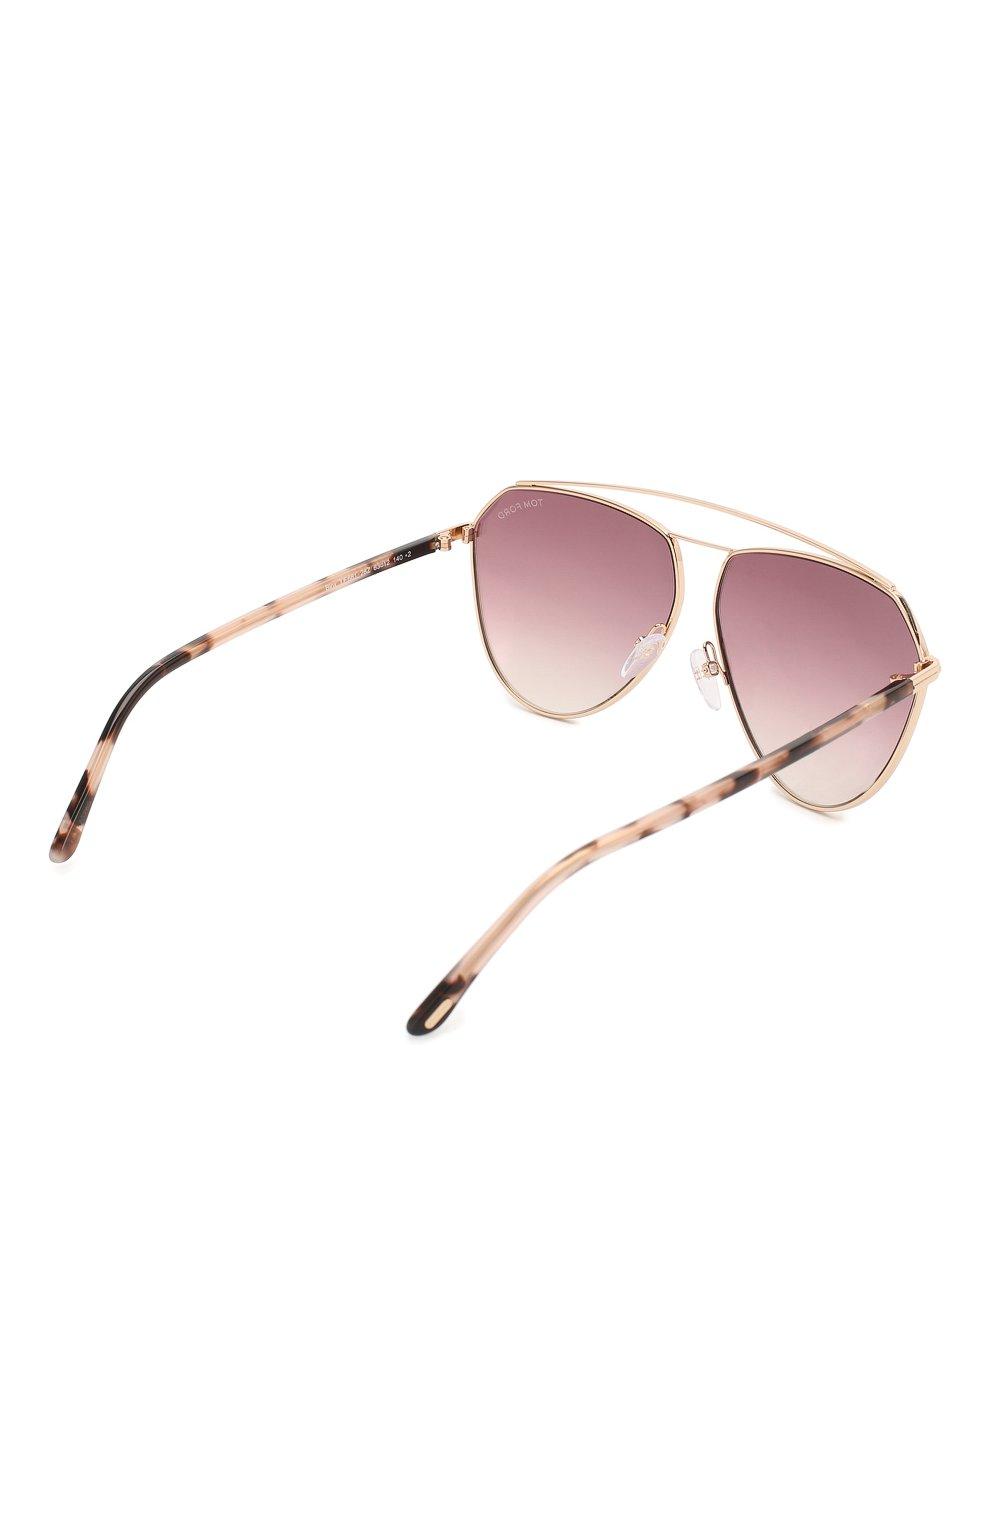 Женские солнцезащитные очки TOM FORD светло-розового цвета, арт. TF681 28Z   Фото 4